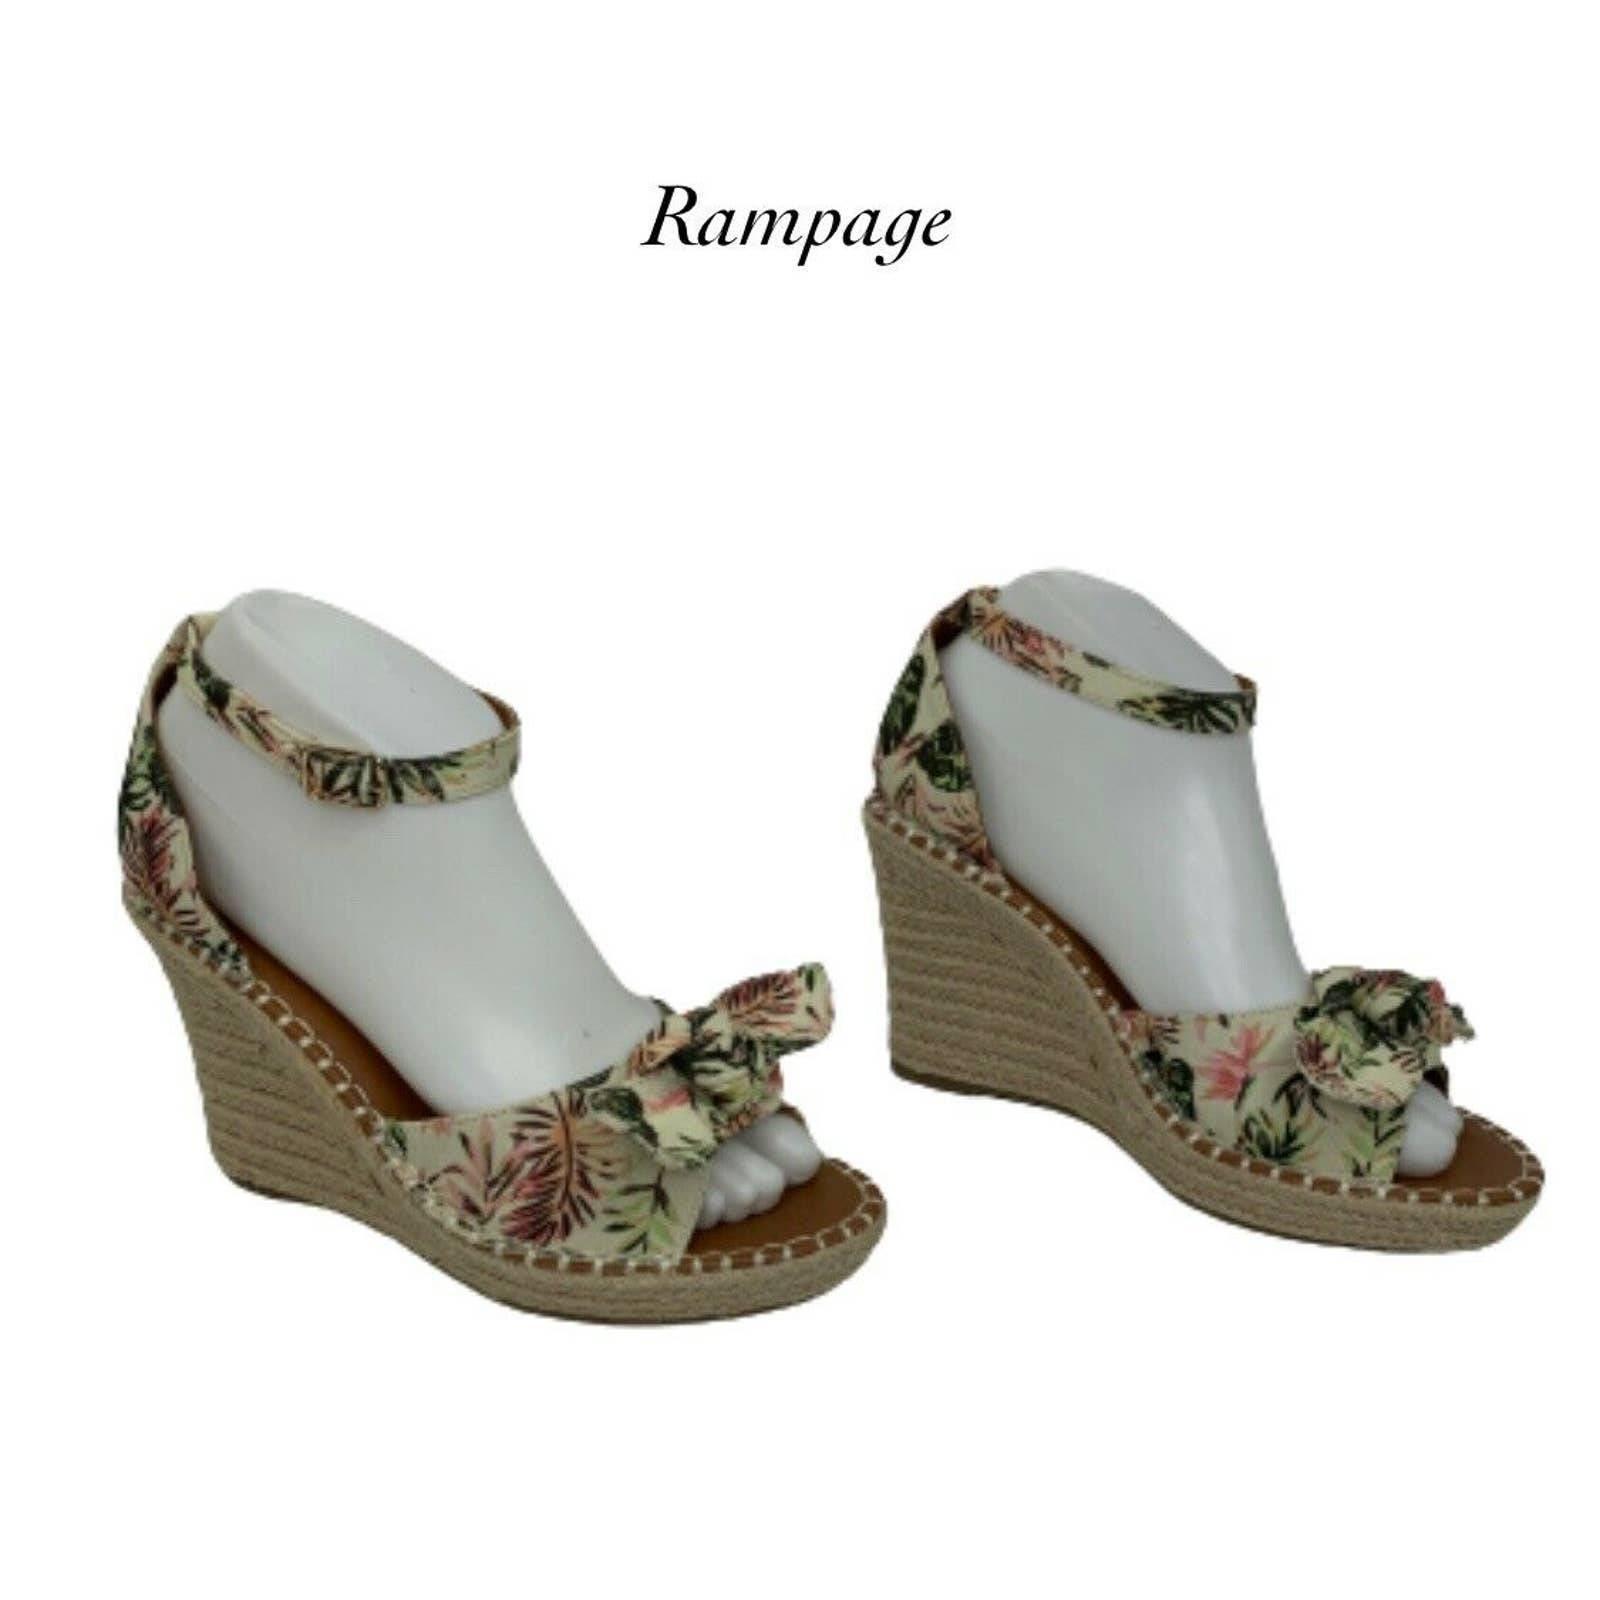 Rampage Ram-Hayna Espadrilles Wedges